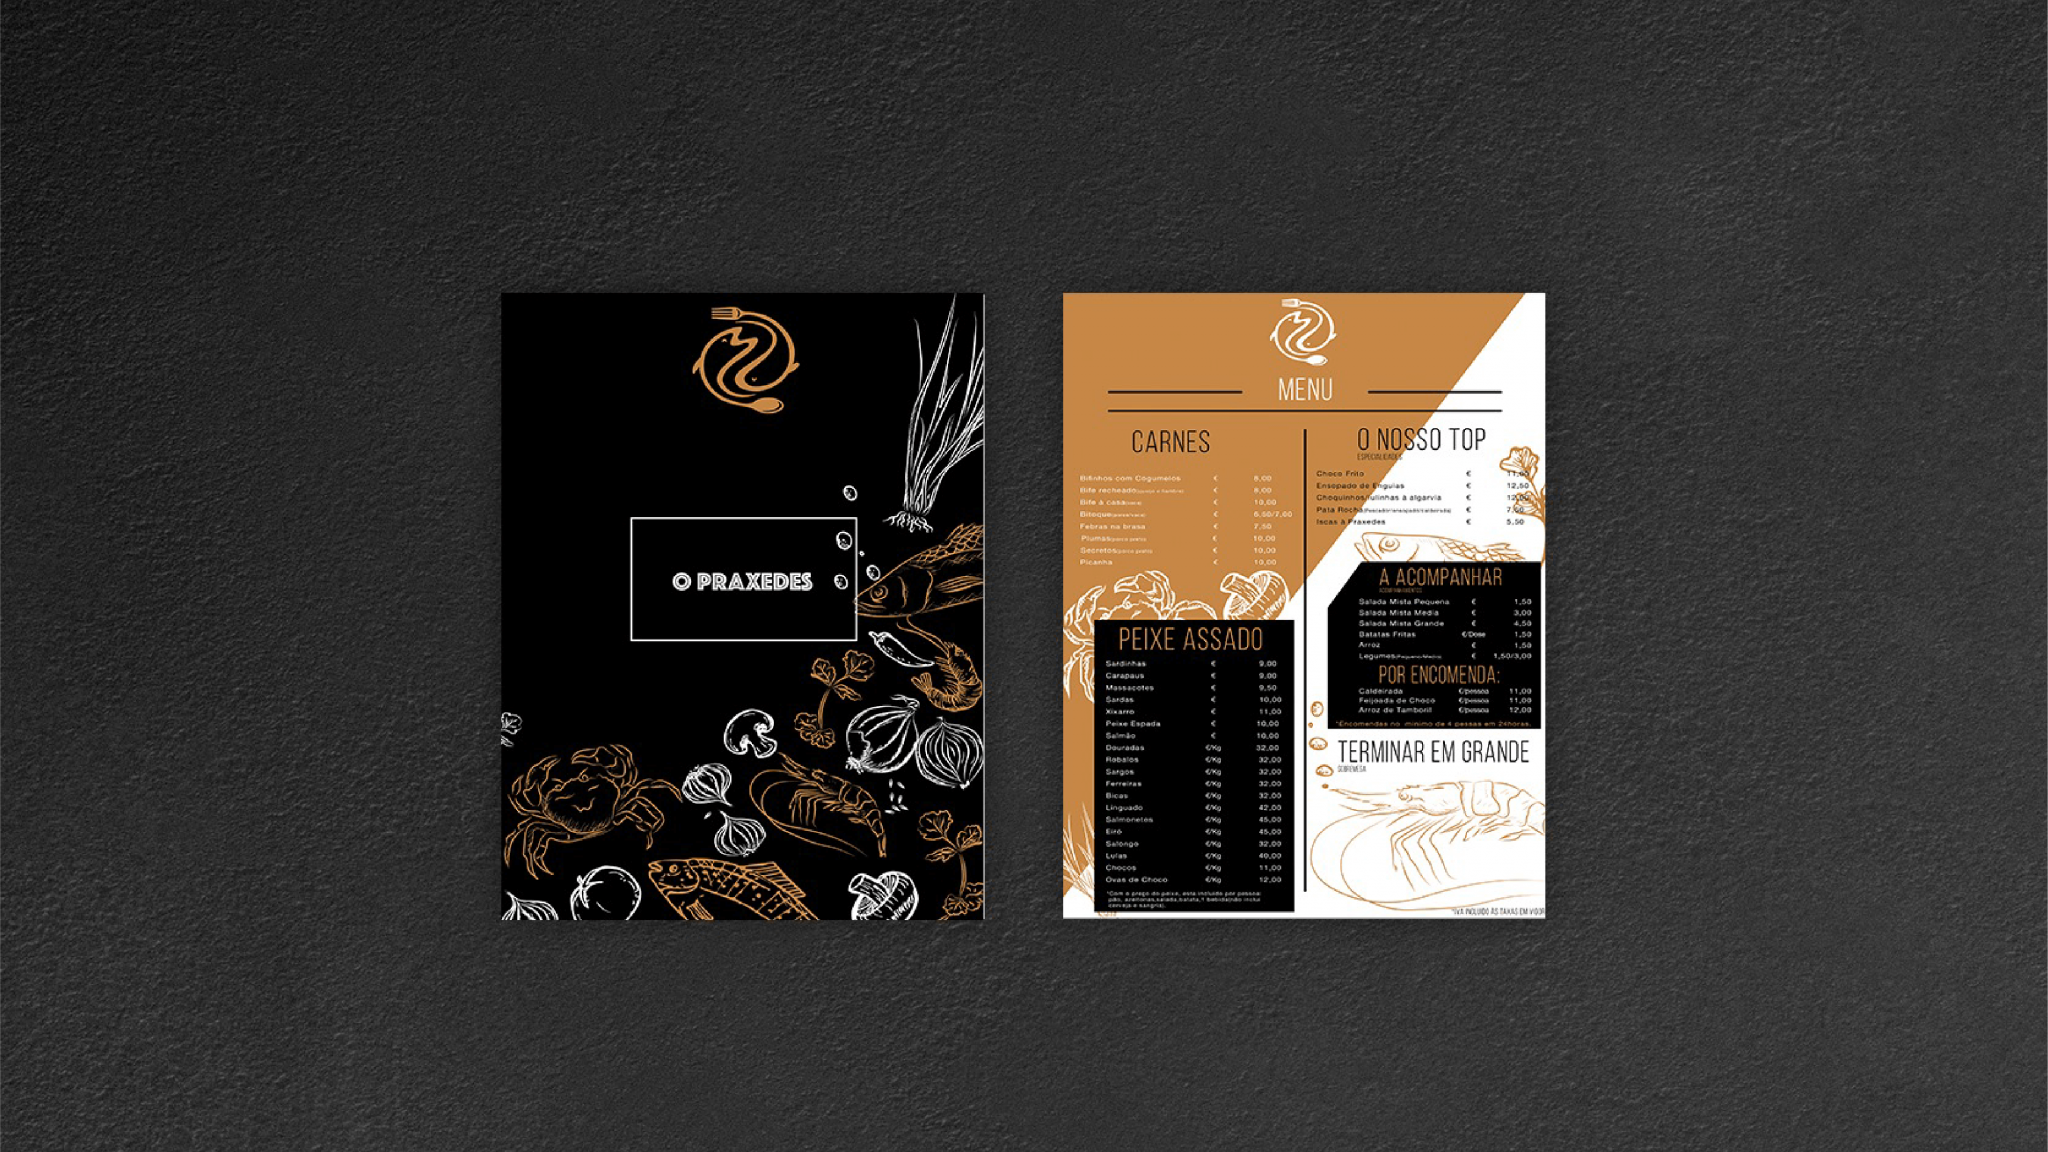 branding e design de comunicação Praxedes - menu